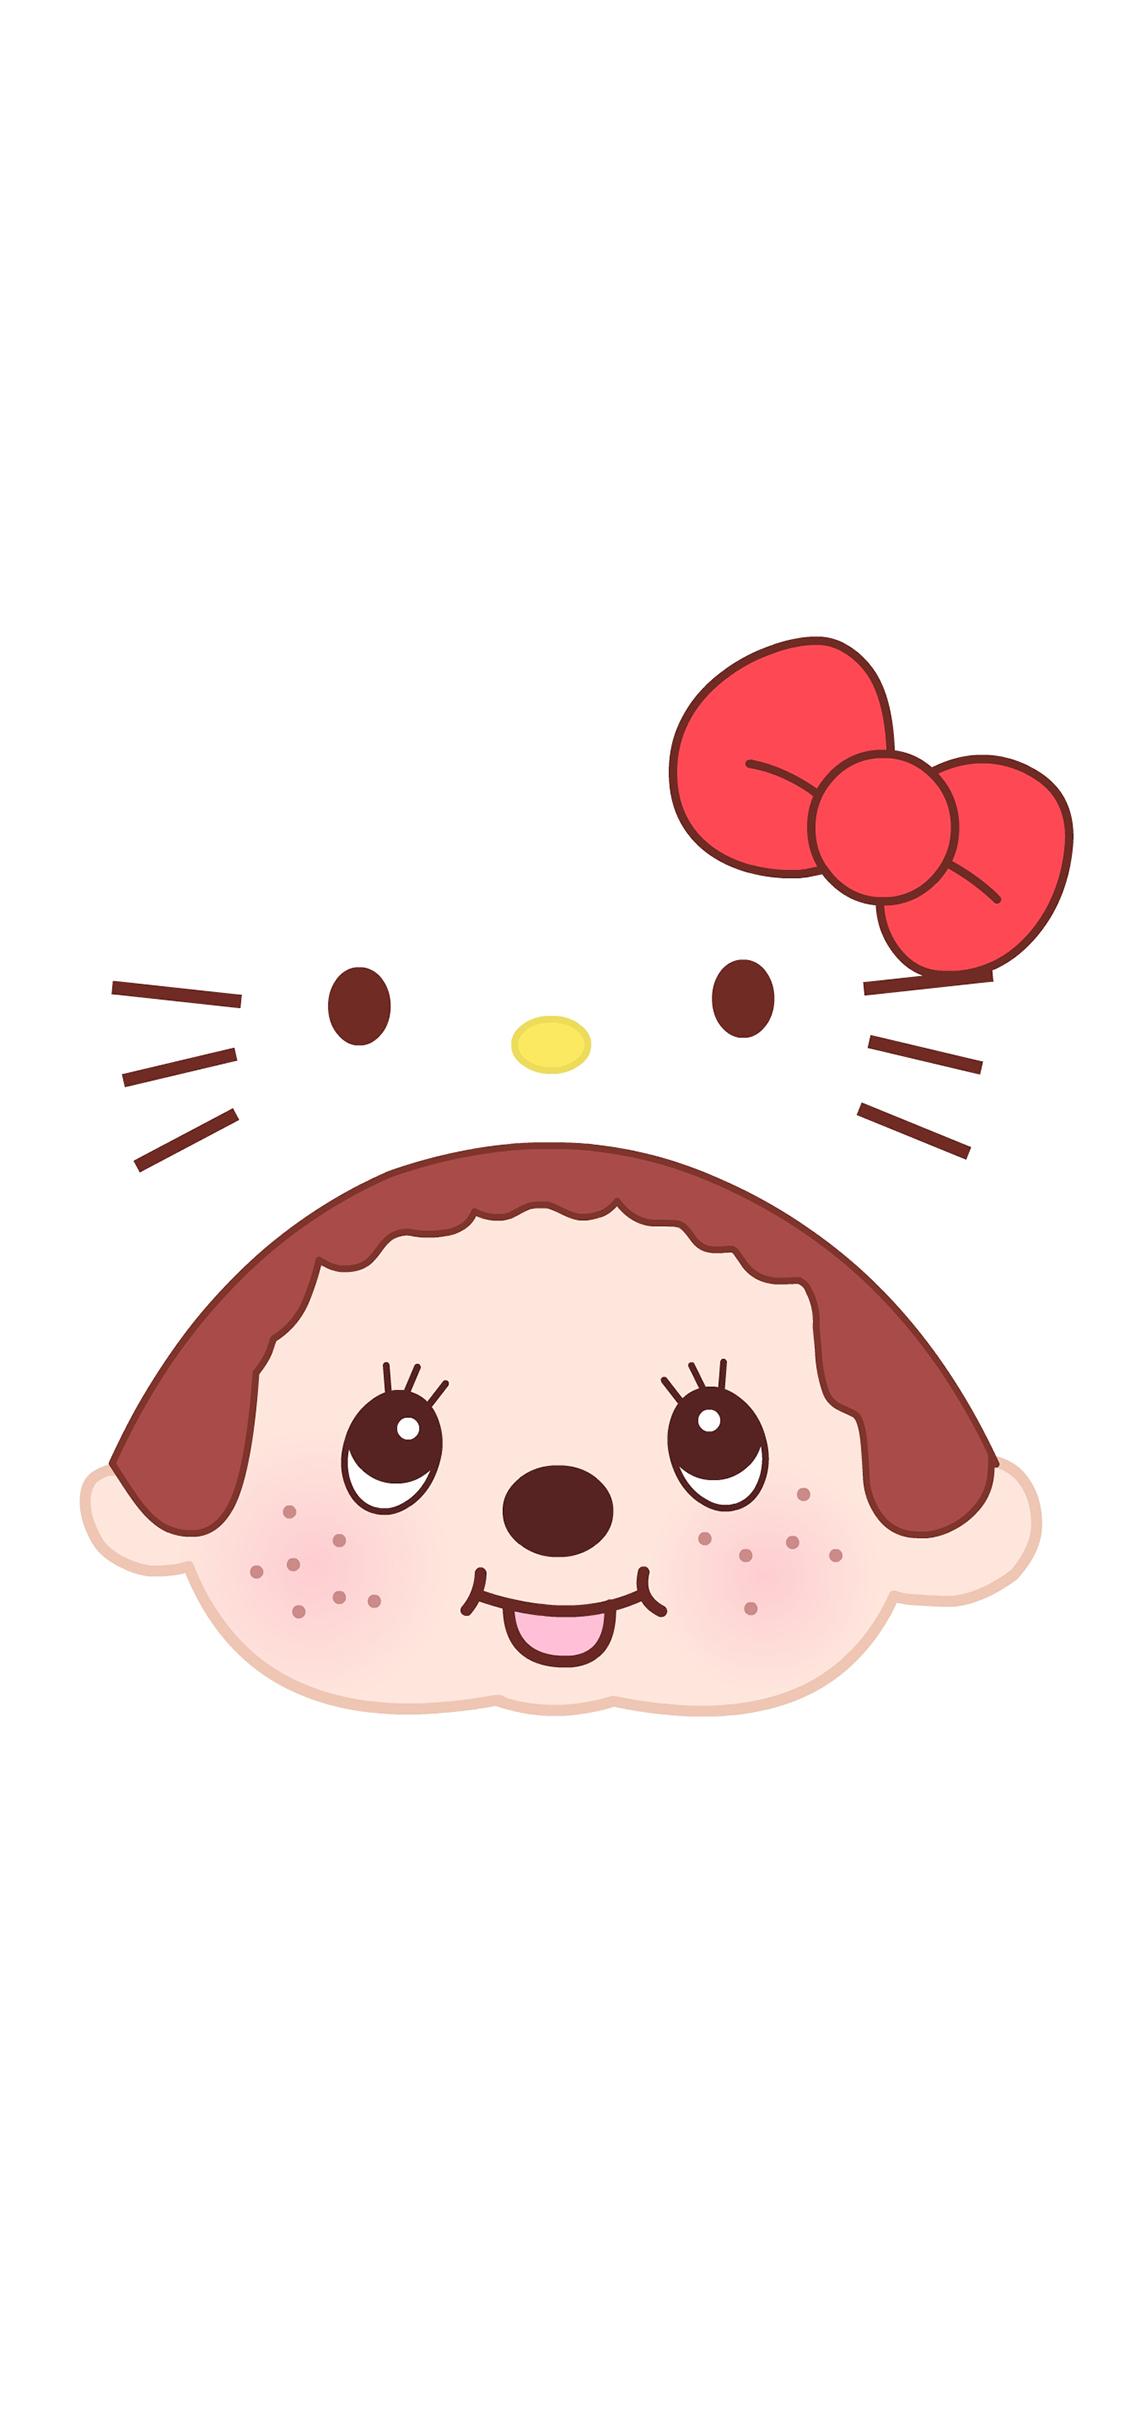 蒙奇奇Kitty猫hello kitty 可爱卡通苹果手机高清